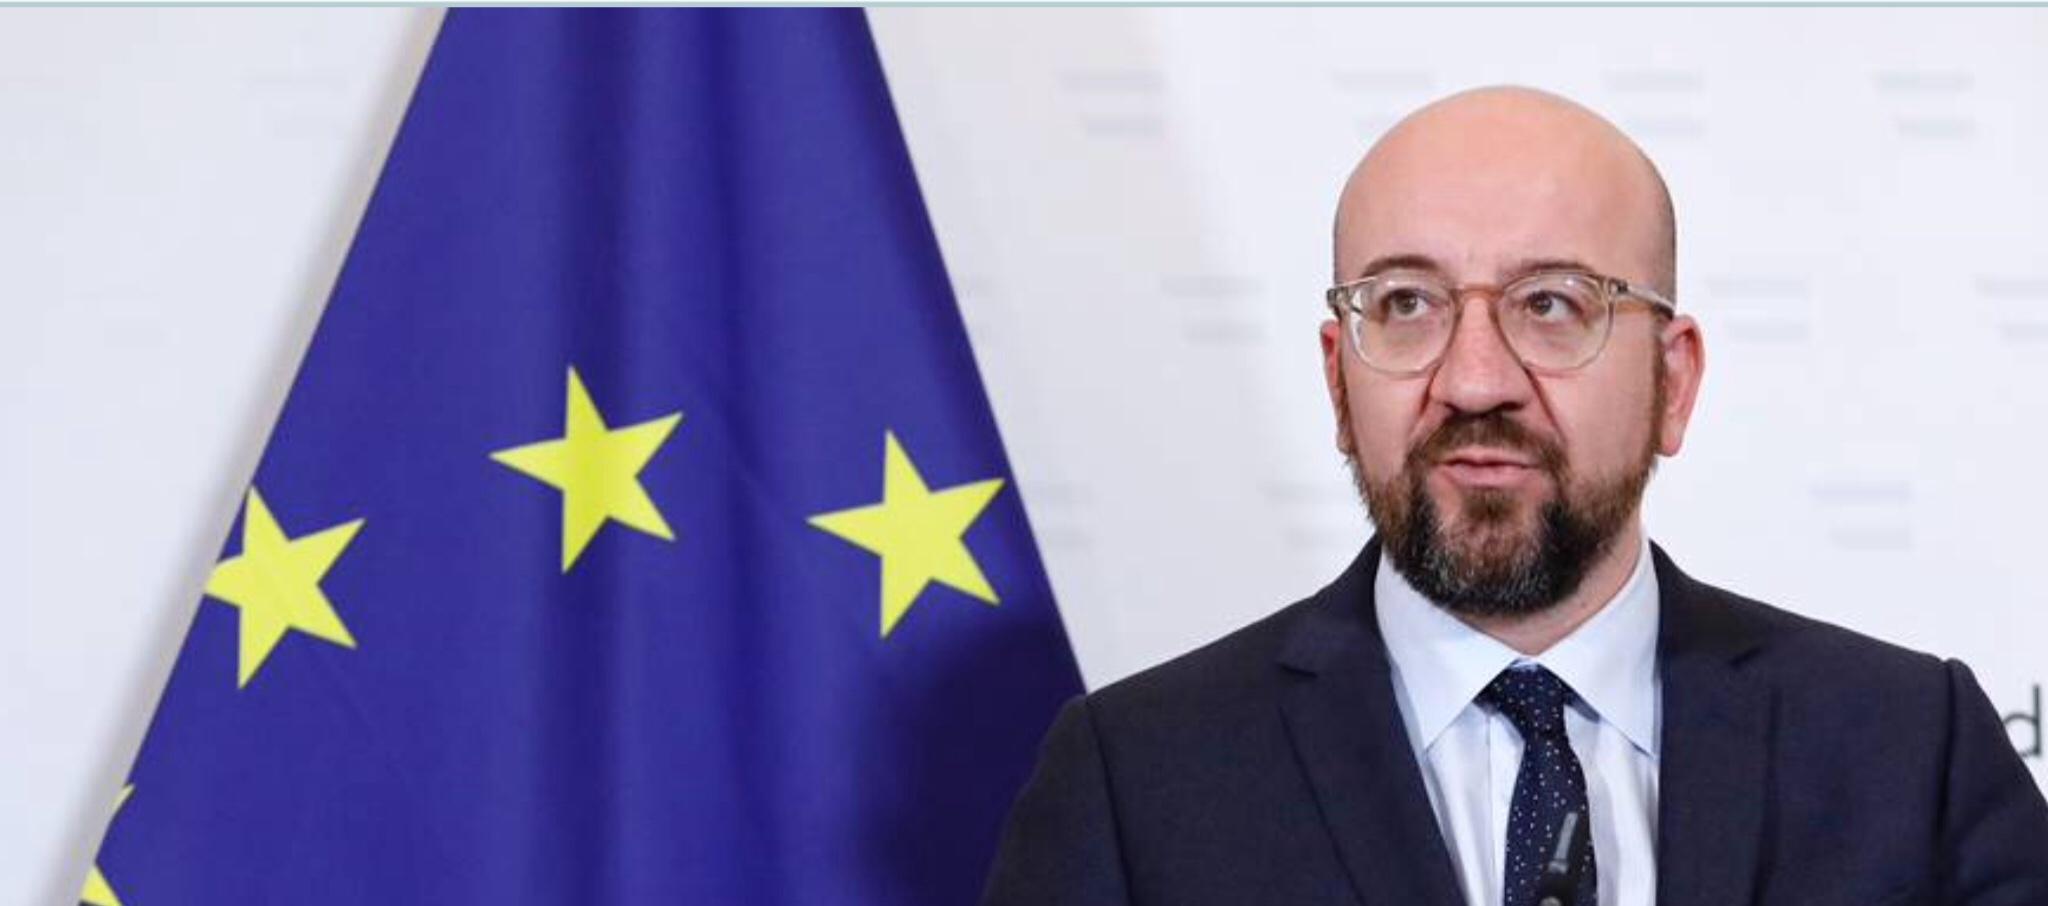 Michel invites to EU Council